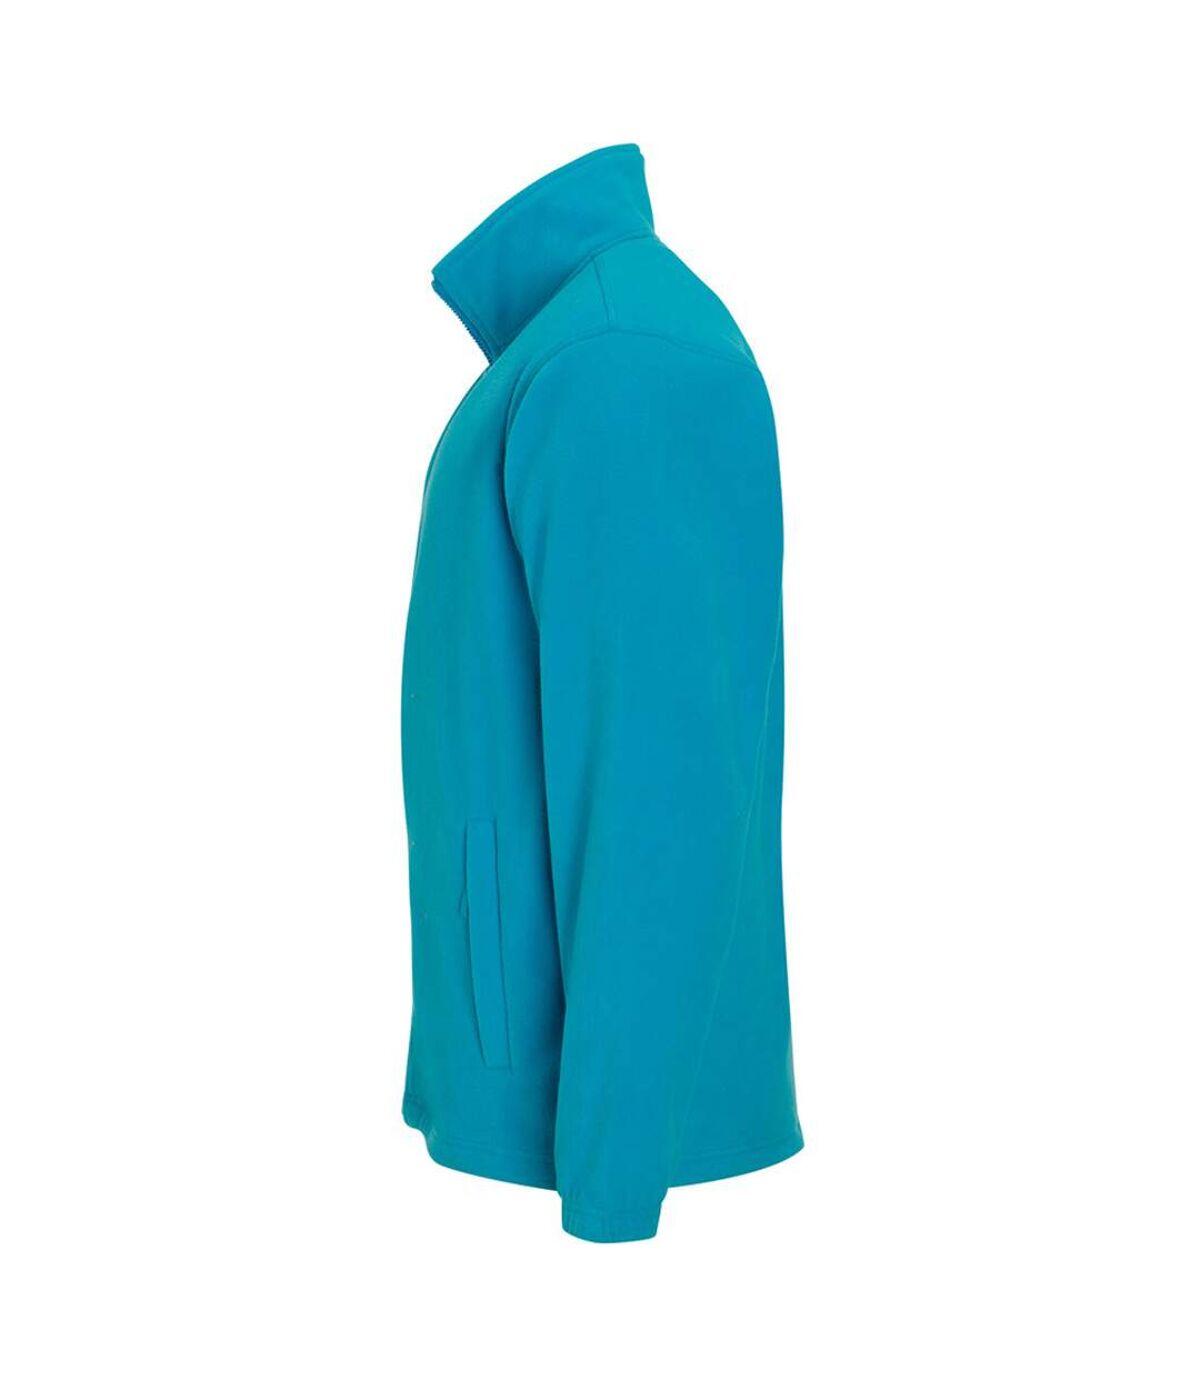 SOLS Mens North Full Zip Outdoor Fleece Jacket (Aqua) - UTPC343